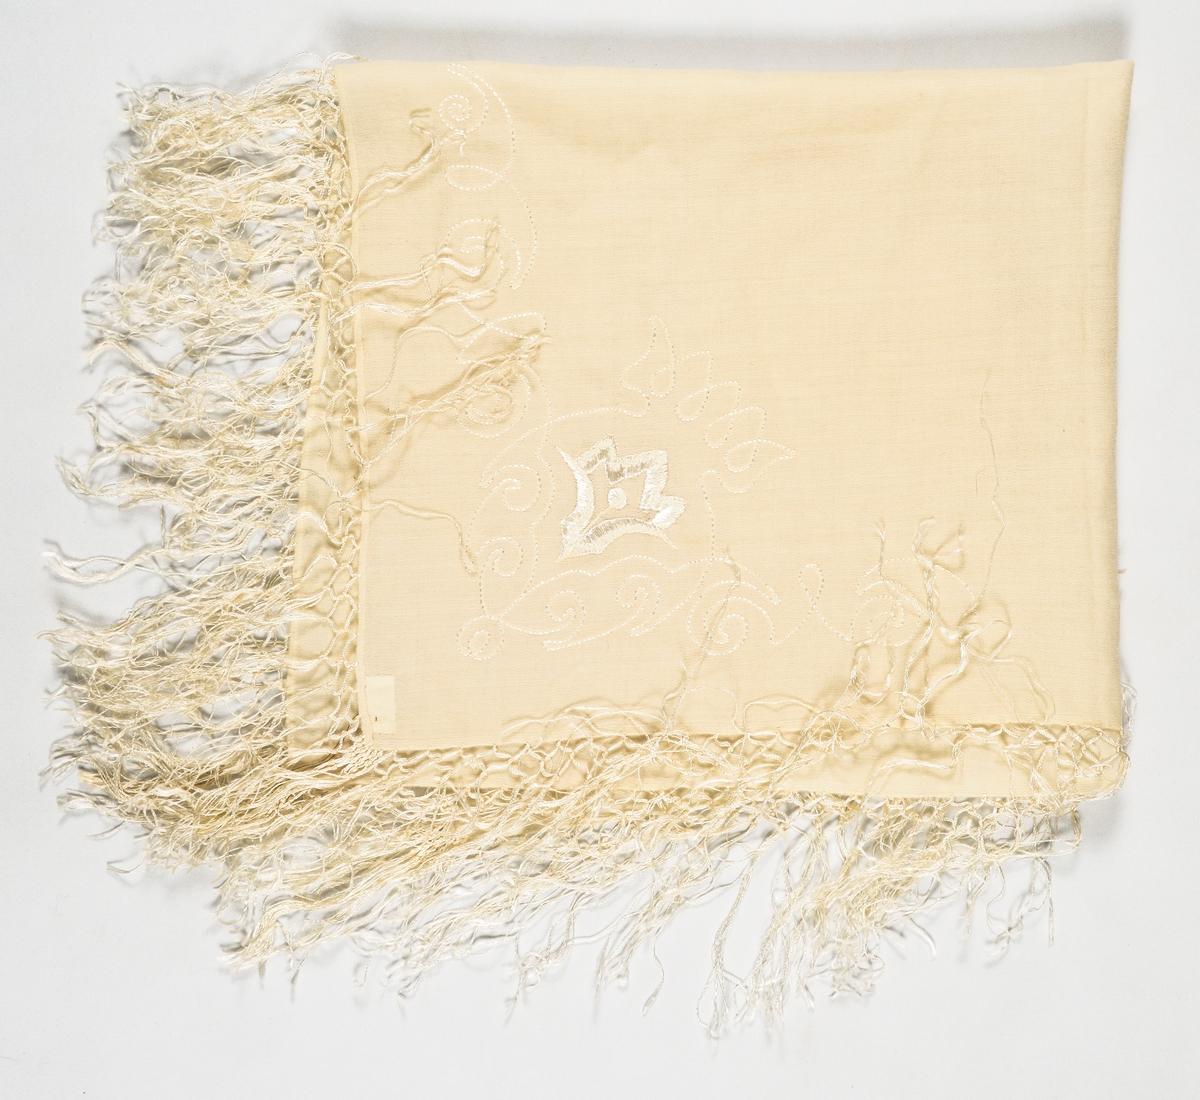 Tørkle i kremgul ullmusselin. Tamburert og brodert mønster med tynn lys silketråd i eine hjørnet. Påsette silkefrynser.